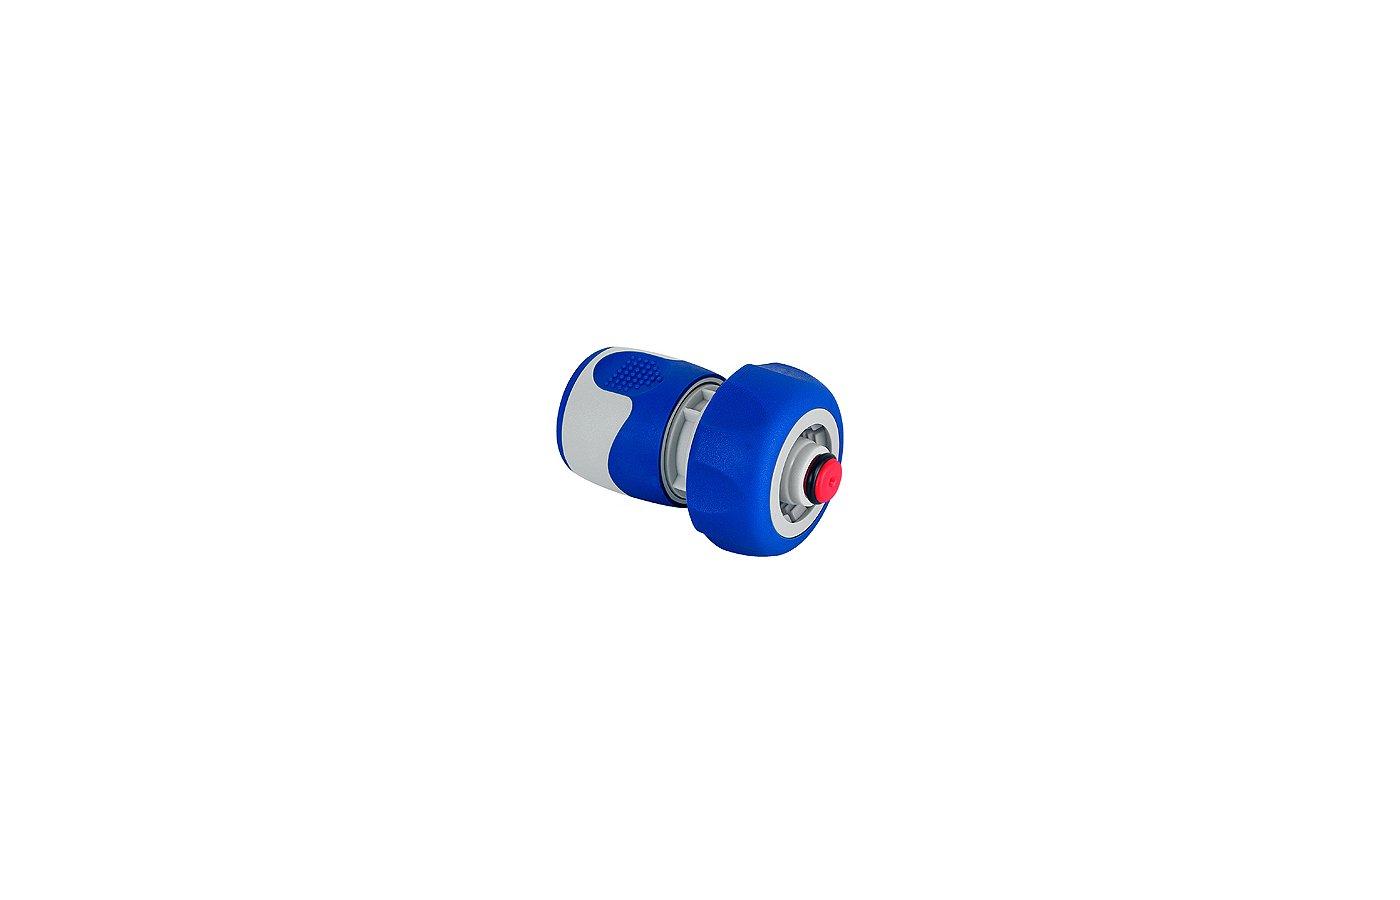 Соединитель GREEN APPLE GWHC20-060 Коннектор с аквастопом для шланга 19 мм (3/4), пластик, TPR